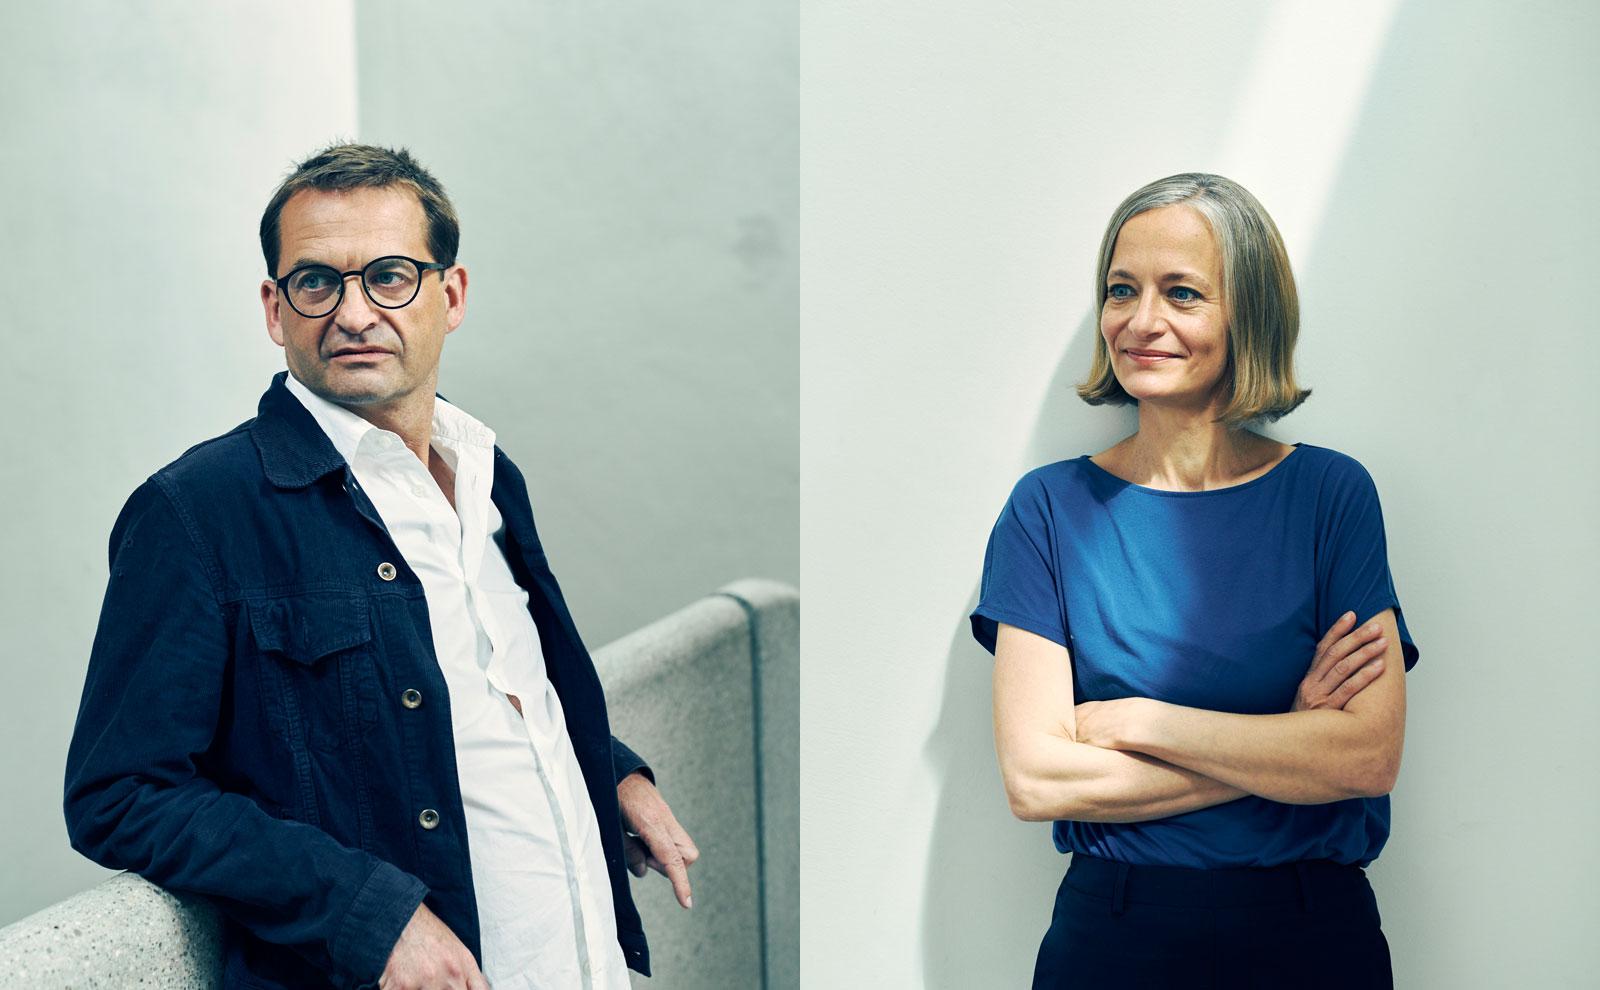 Die Architektinnen Mareike Lamm und Konrad Opitz von Sauerbruch & Hutton zeigen sich für den Gira Neubau verantwortlich